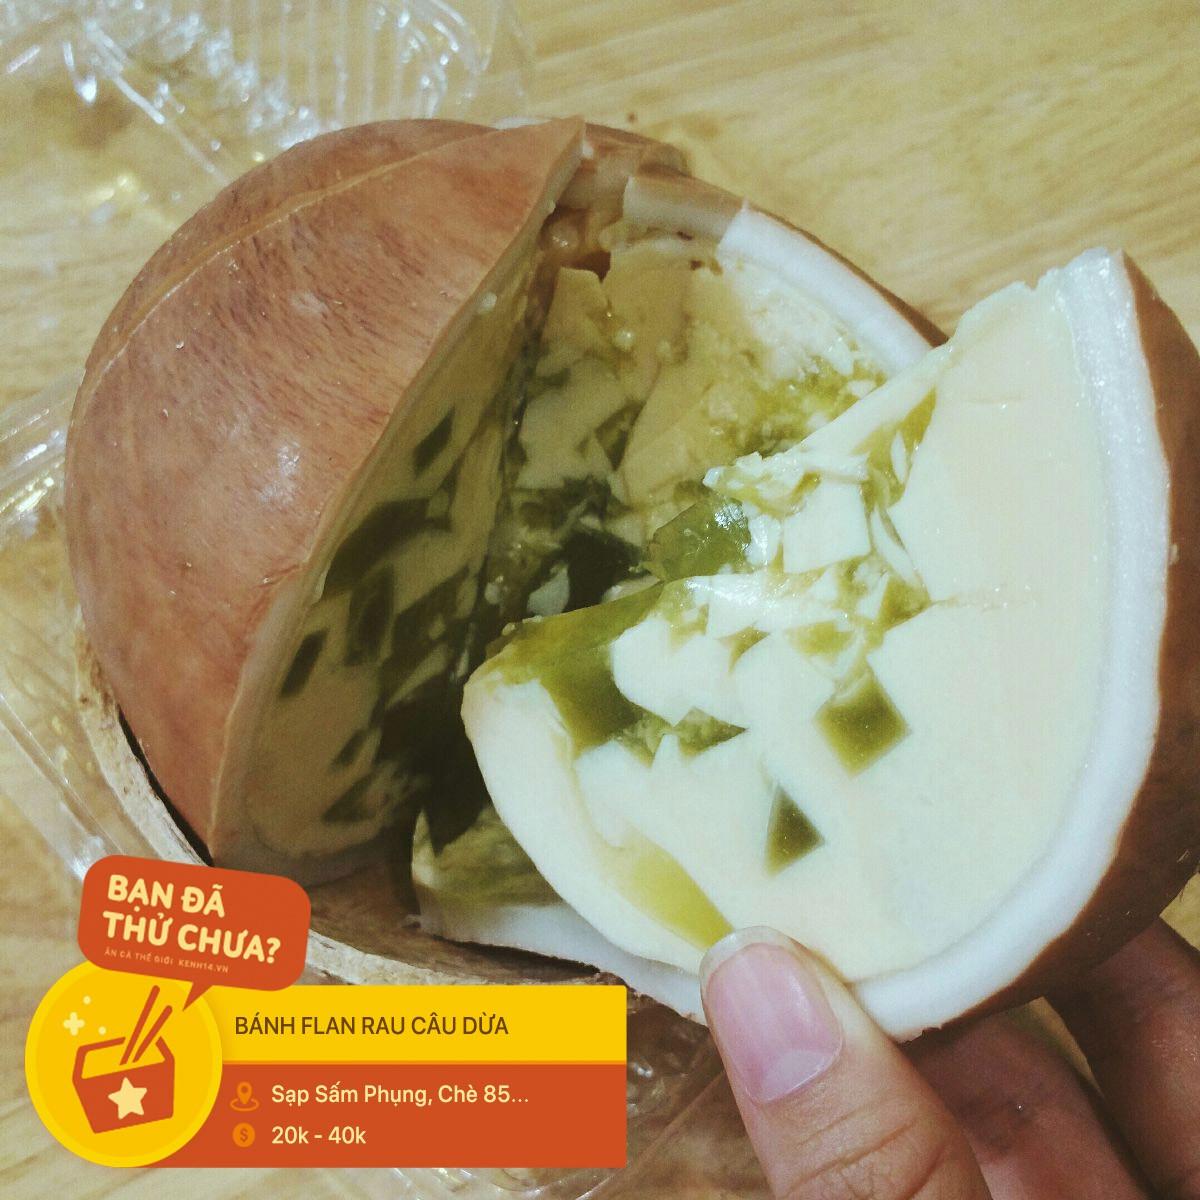 Đừng nghĩ Sài Gòn chỉ có mỗi bánh flan trứng, còn hàng tá phiên bản khác sẽ làm bạn bất ngờ đấy - Ảnh 6.